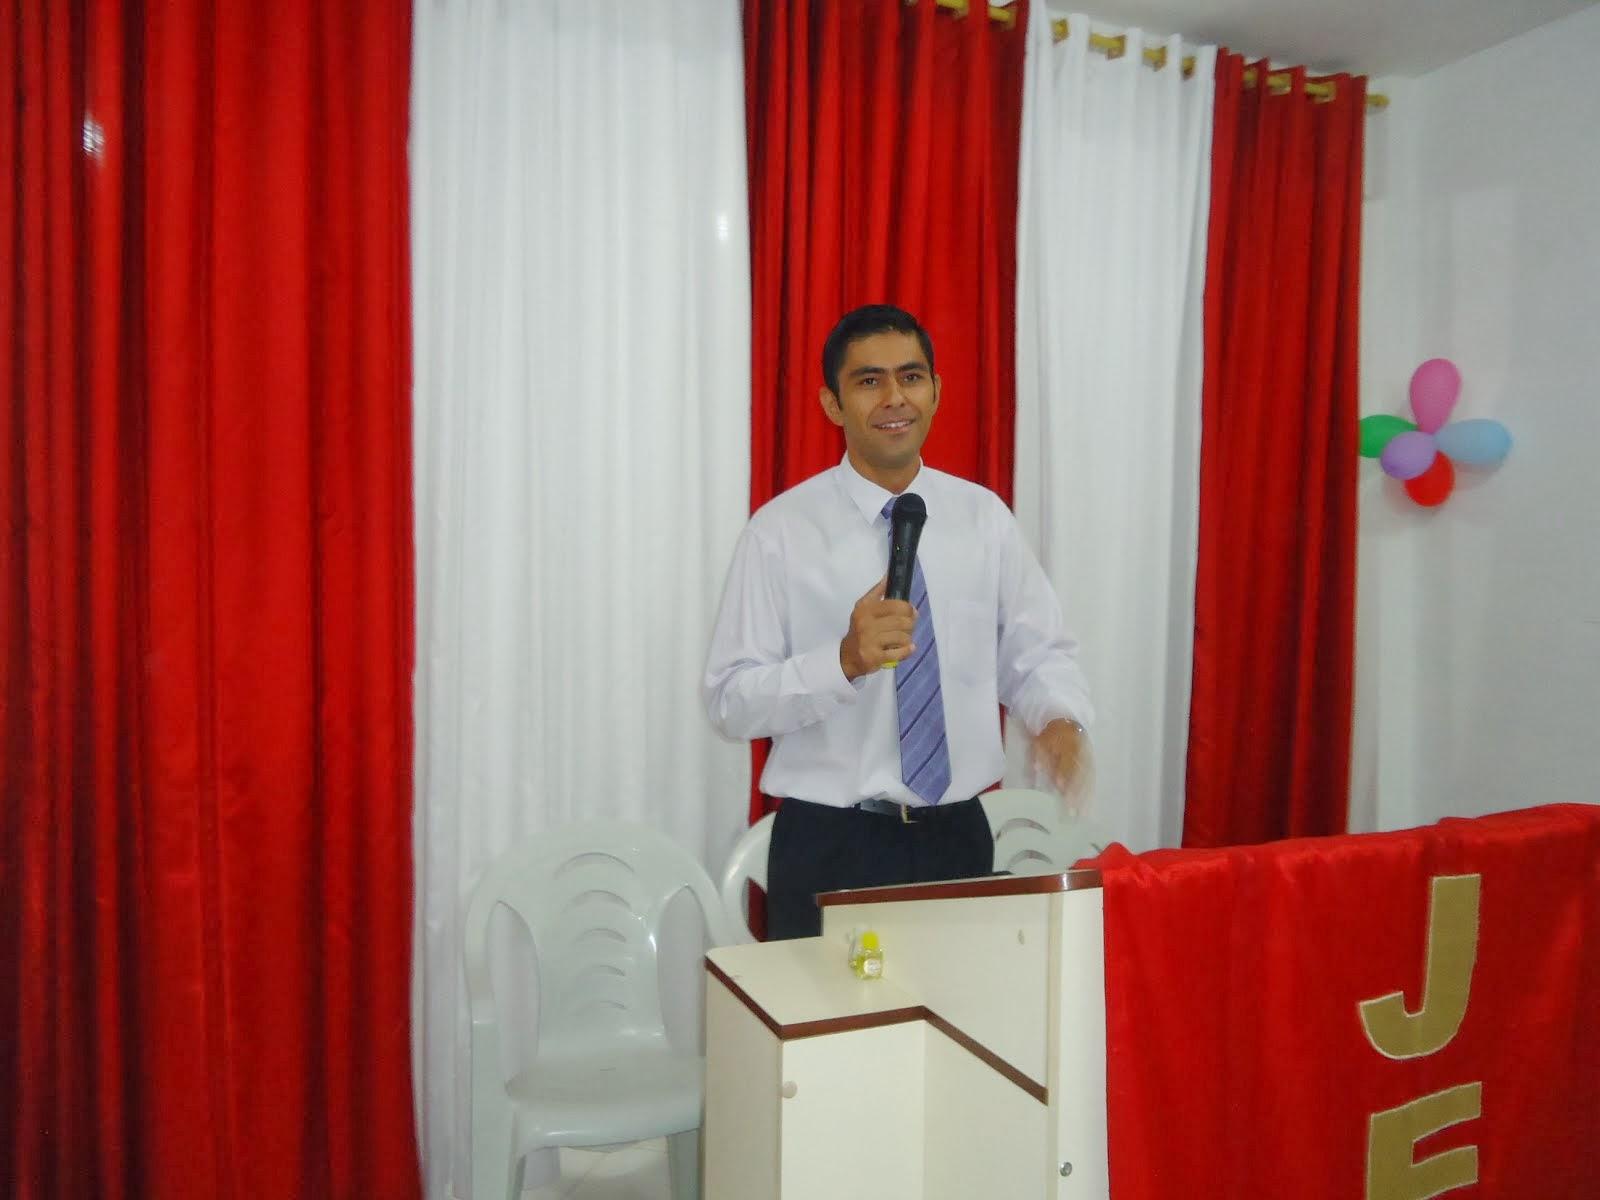 Pastor Fernando Ramos